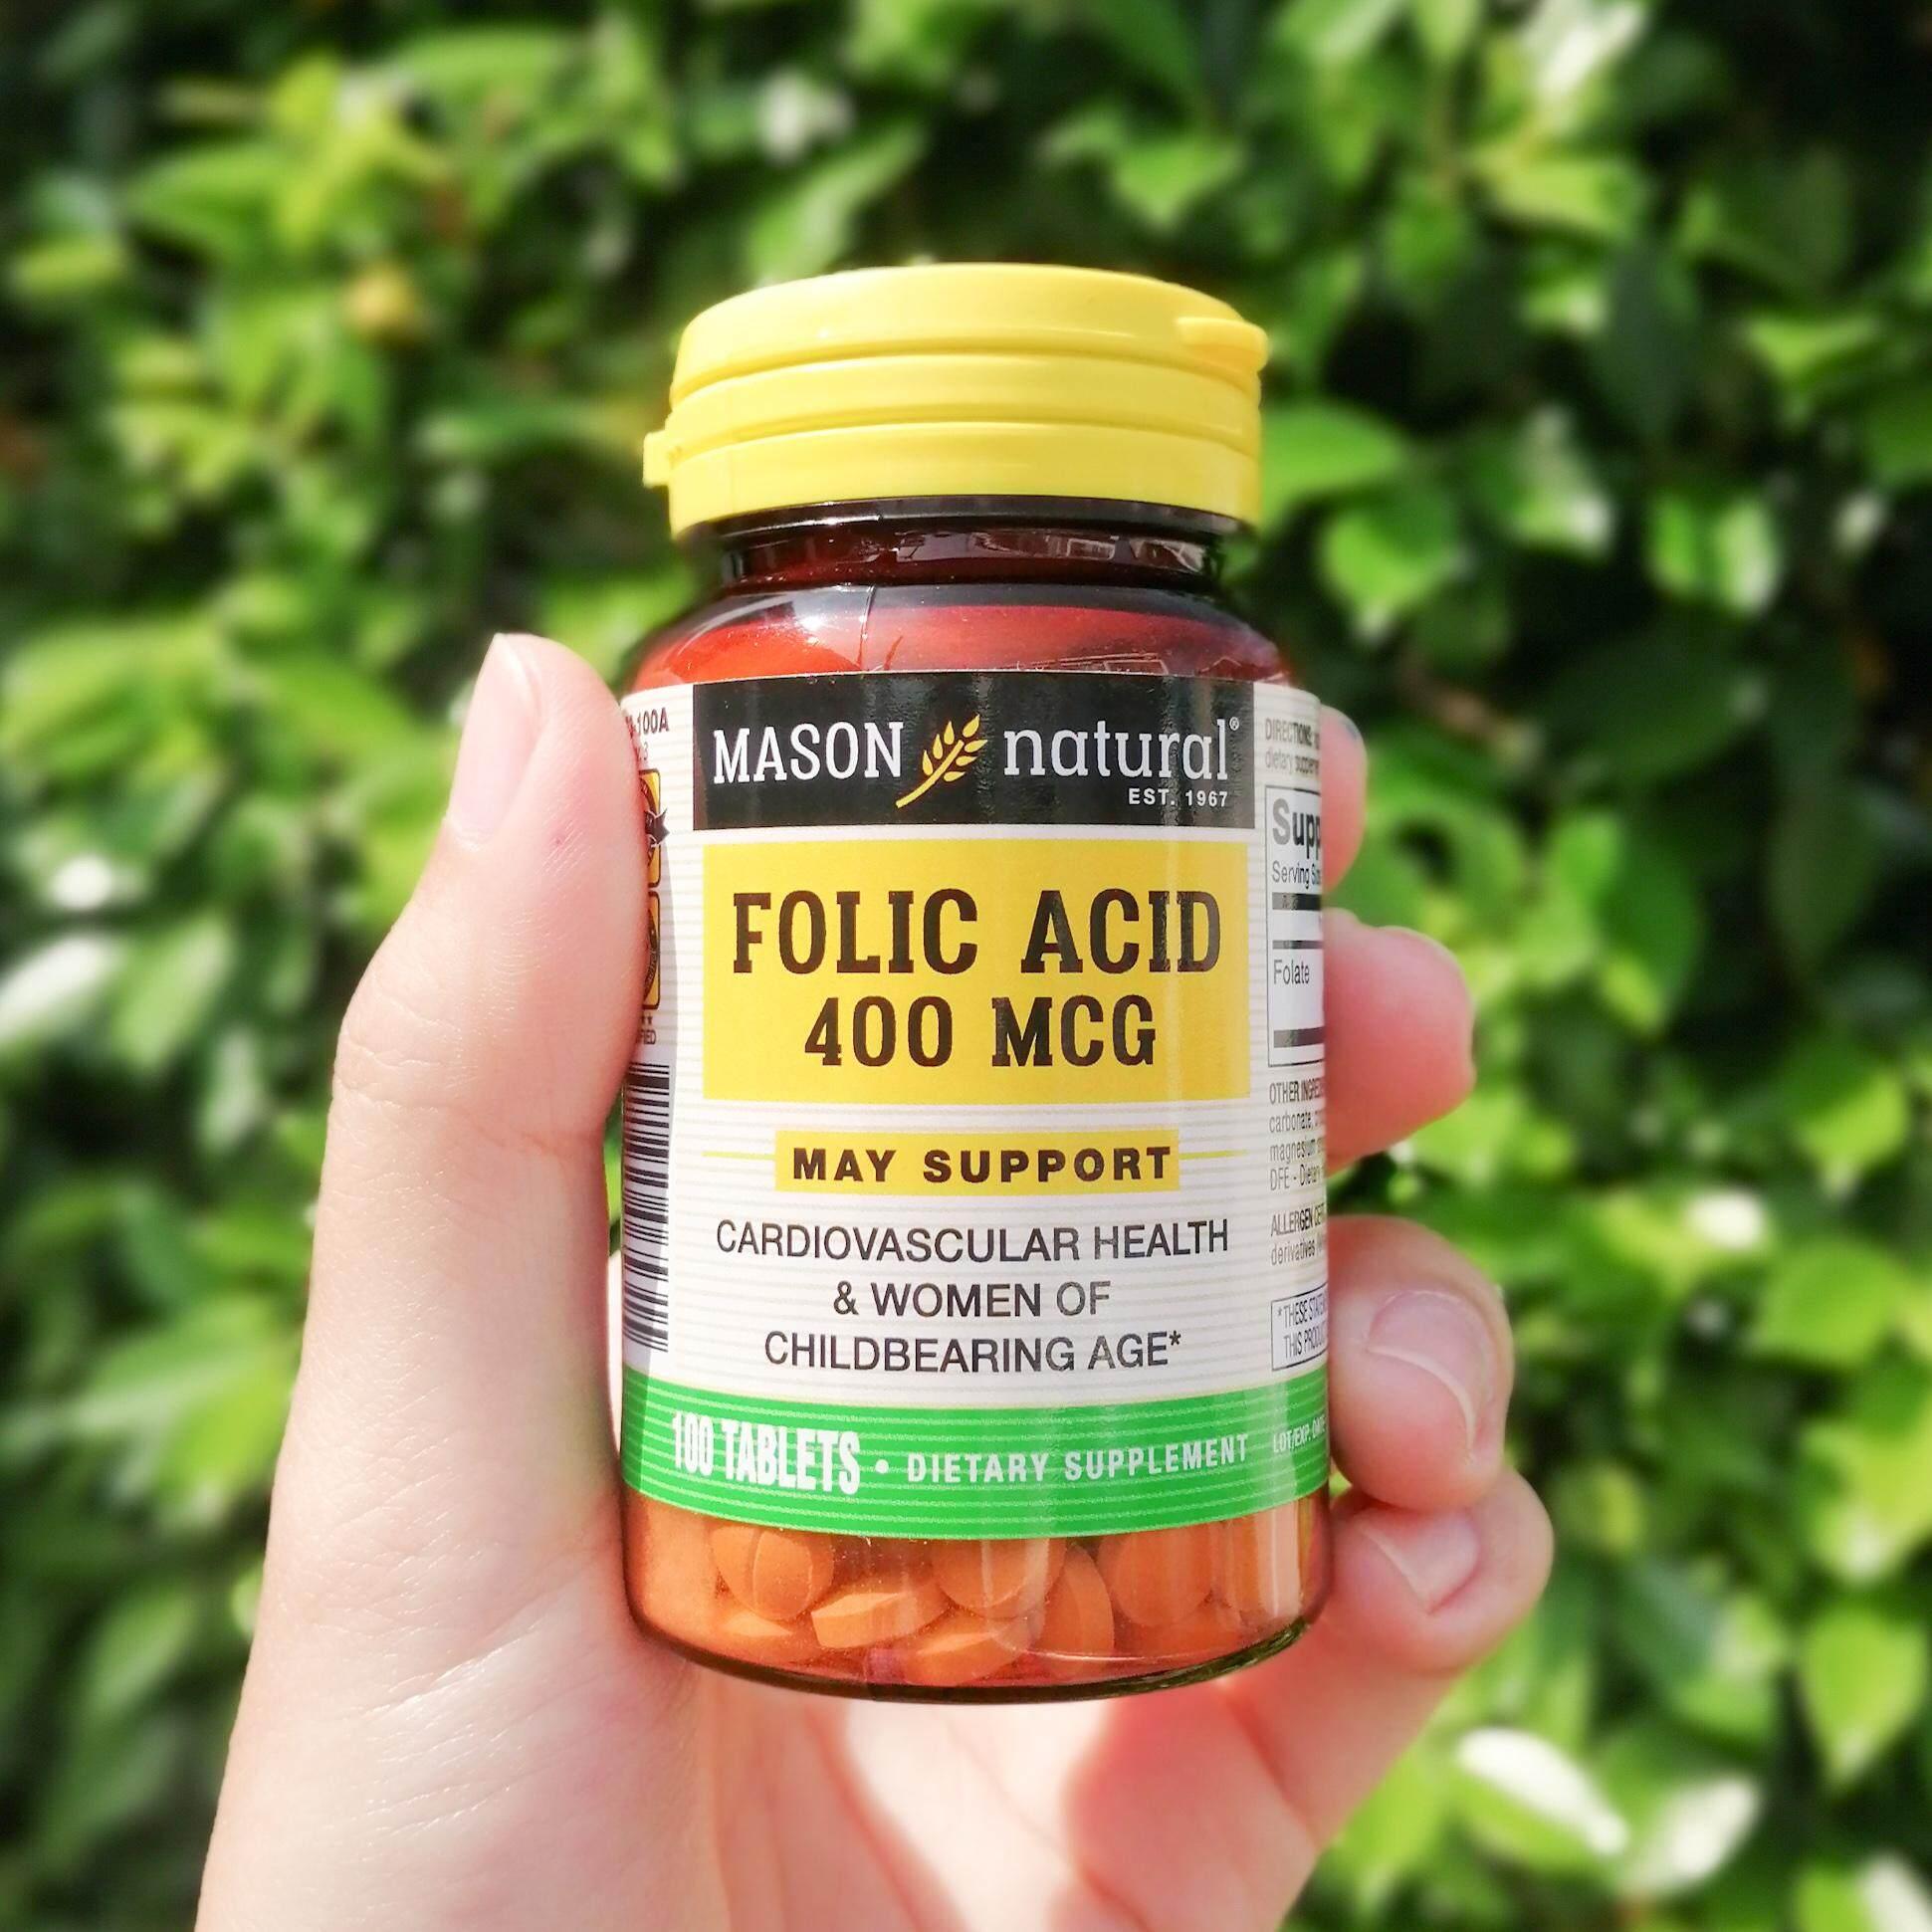 กรดโฟลิก Folic Acid 400 Mcg 100 Tablets (mason Natural®) โฟเลต Folate เหมาะกับหญิงกำลังตั้งครรภ์ บำรุงหัวใจและหลอดเลือดหัวใจ ช่วยบำรุงระบบประสาทและเผาผลาญพลังงาน.